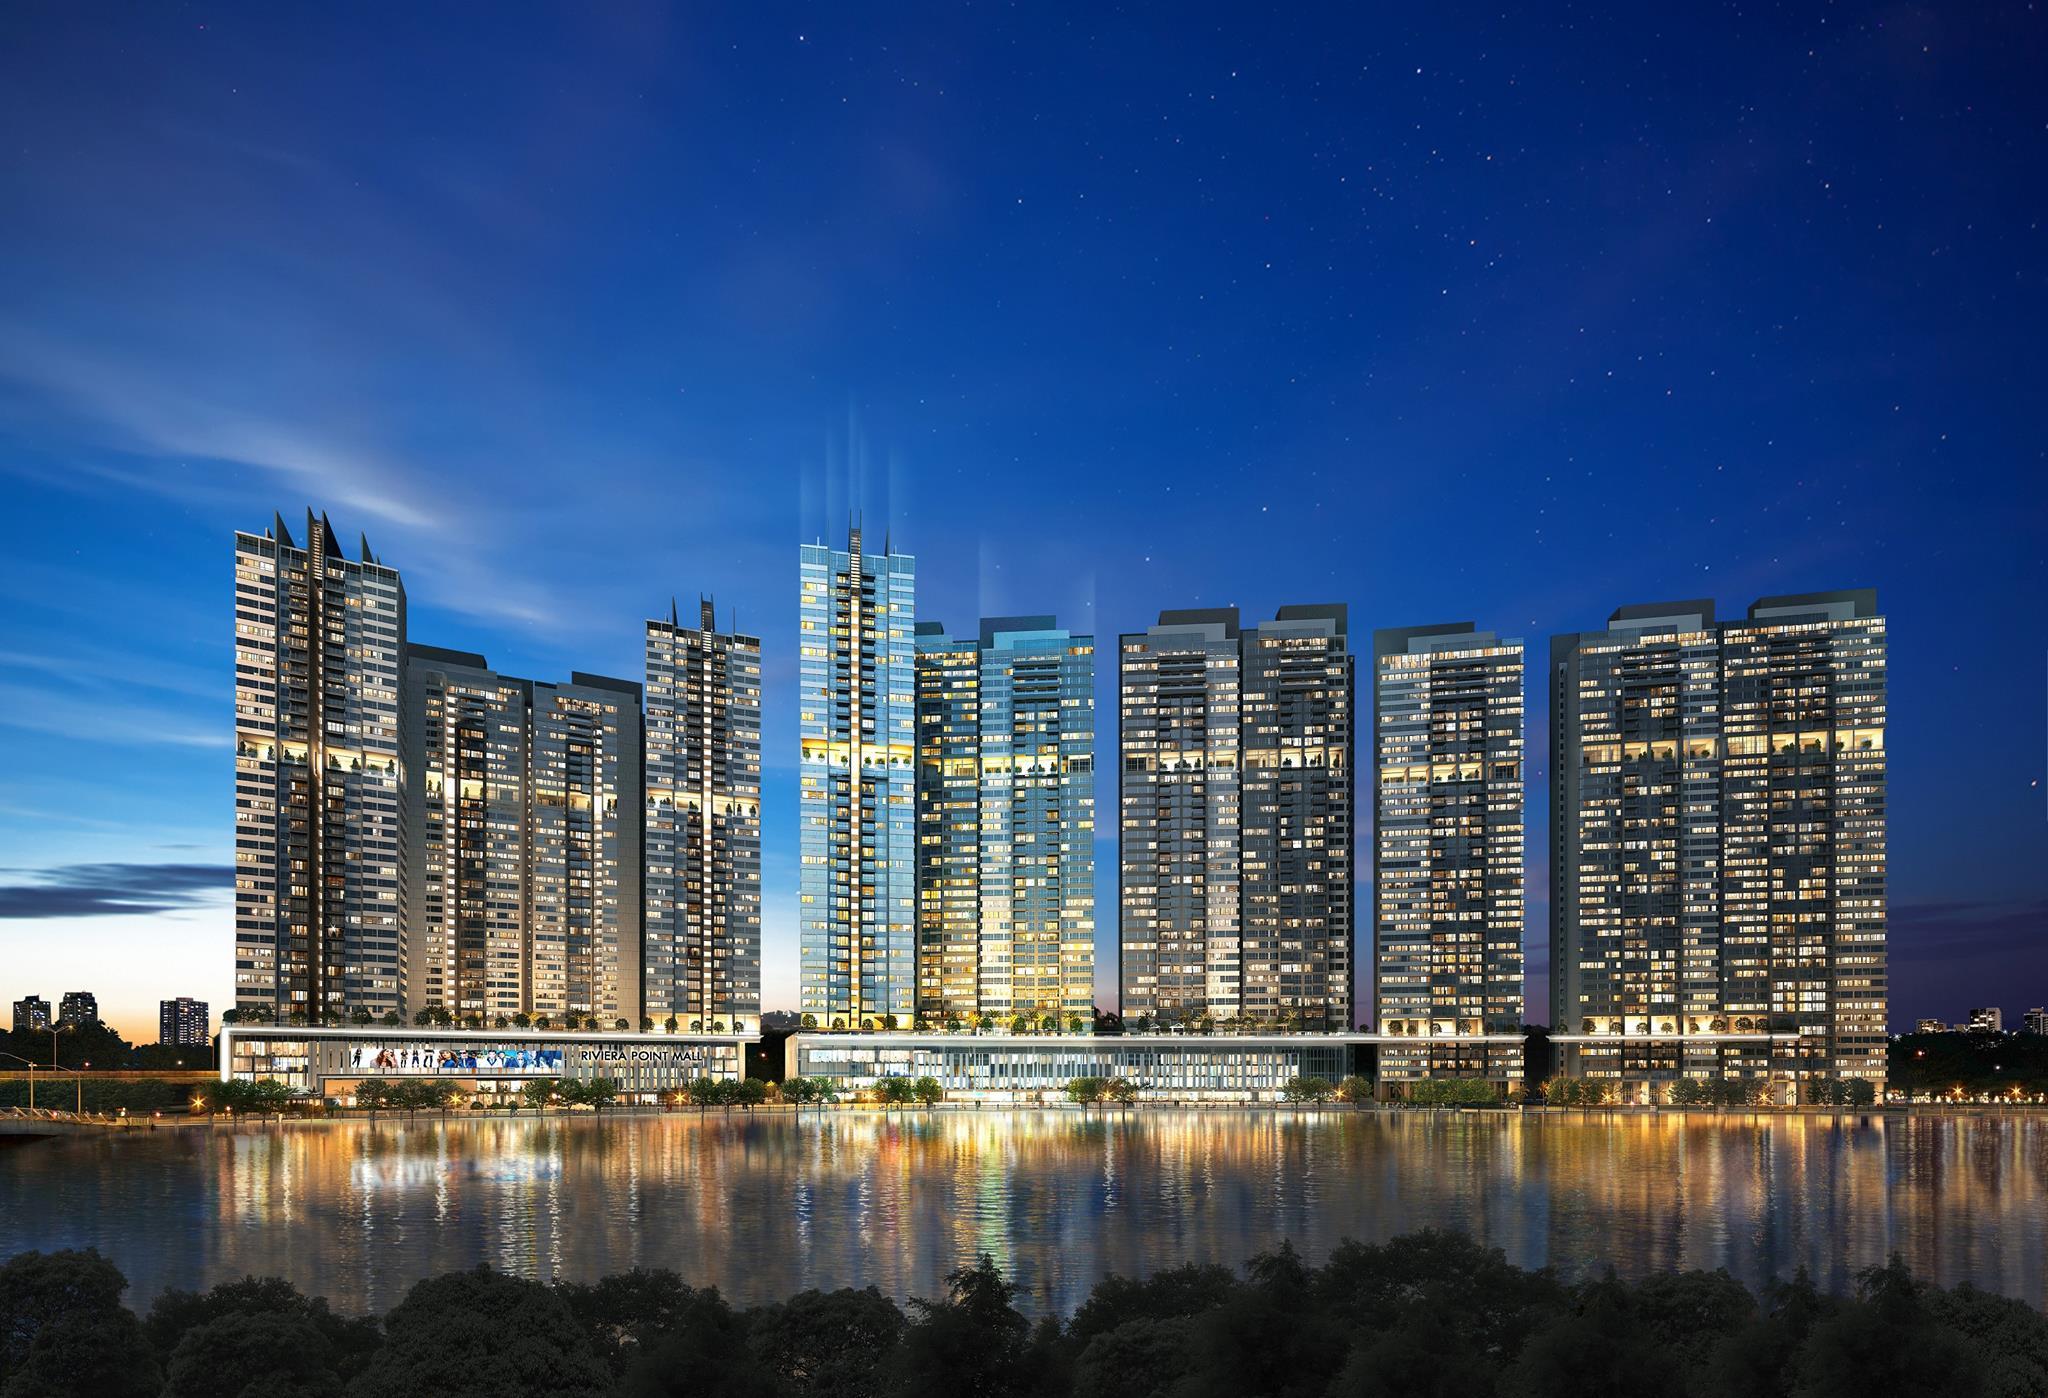 The View at Riviera Point chỉ thanh toán 30% nhận căn hộ ở ngay, chỉ từ 29 triệu / m2